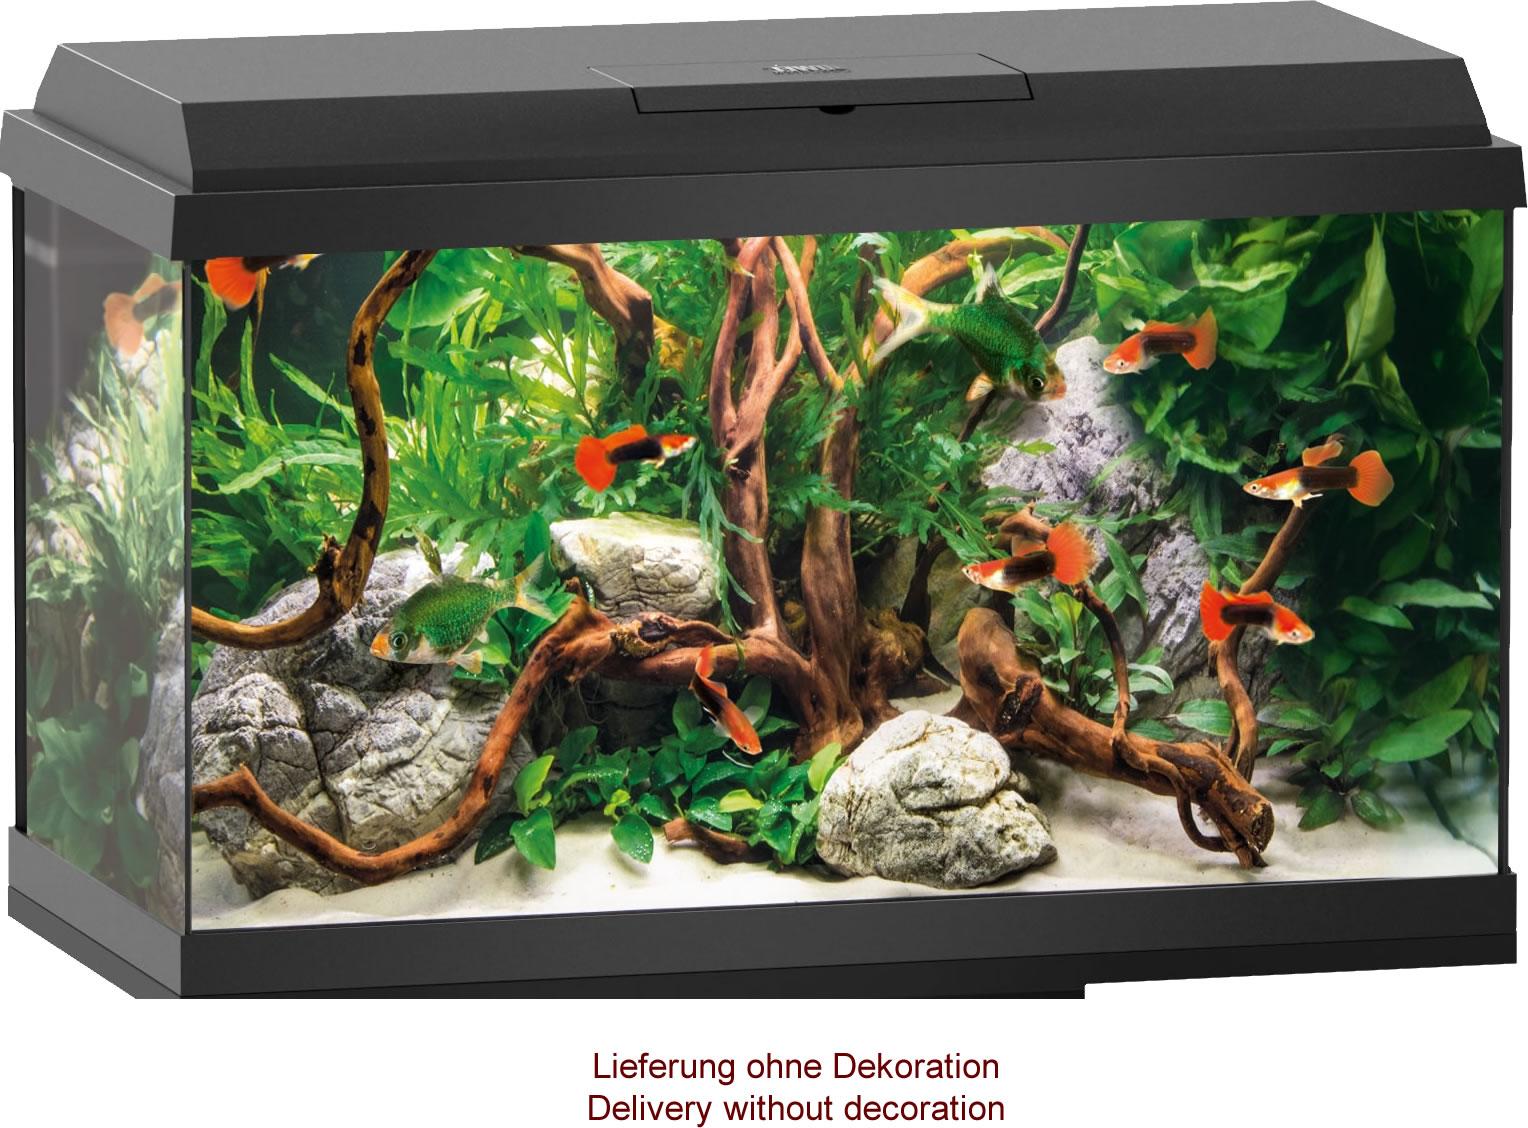 Juwel primo 60 led aquarium set black for Aquarium set